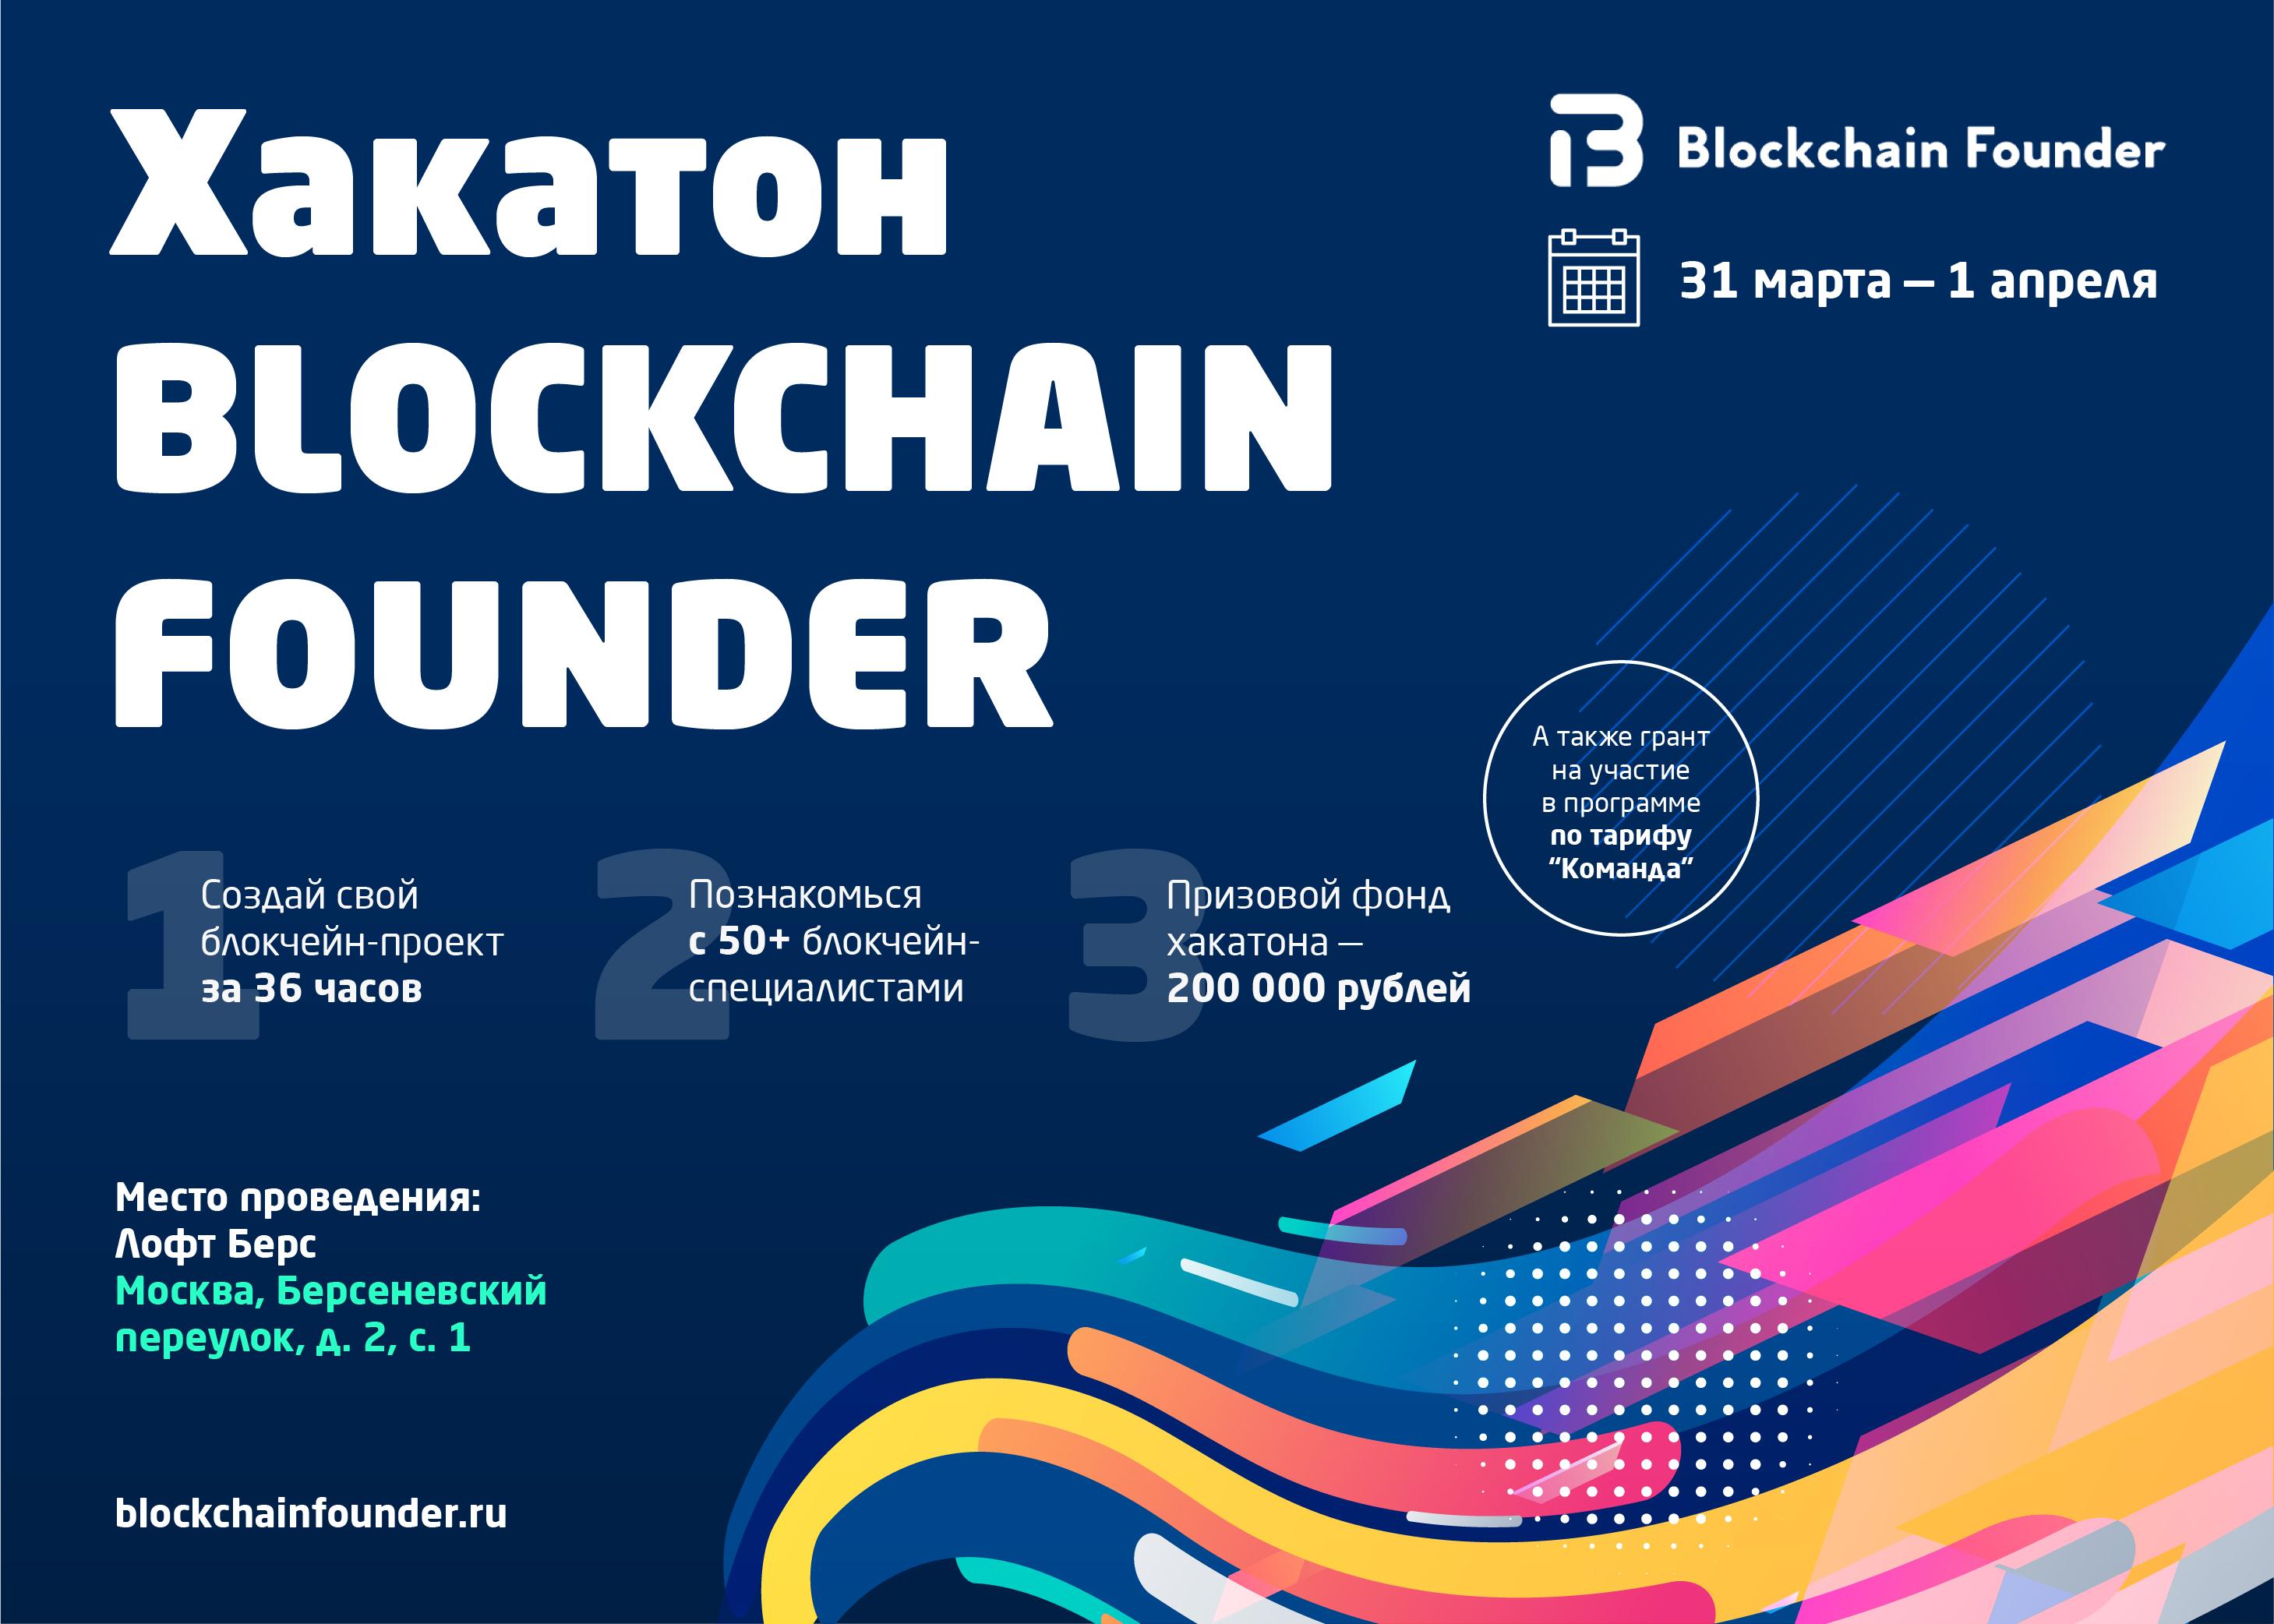 hackathon_3-01